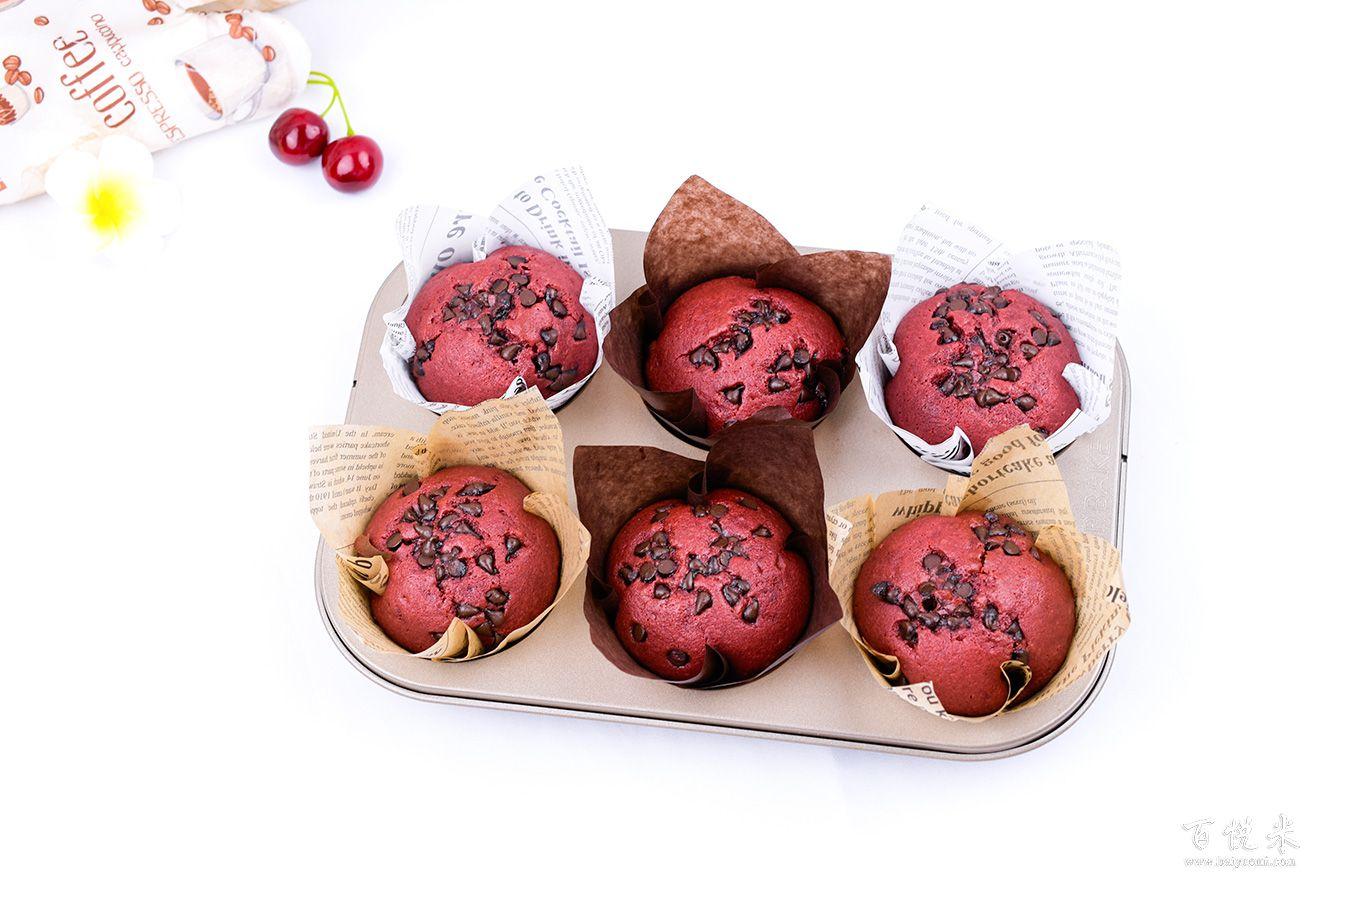 红丝绒玛德琳蛋糕高清图片大全【蛋糕图片】_398